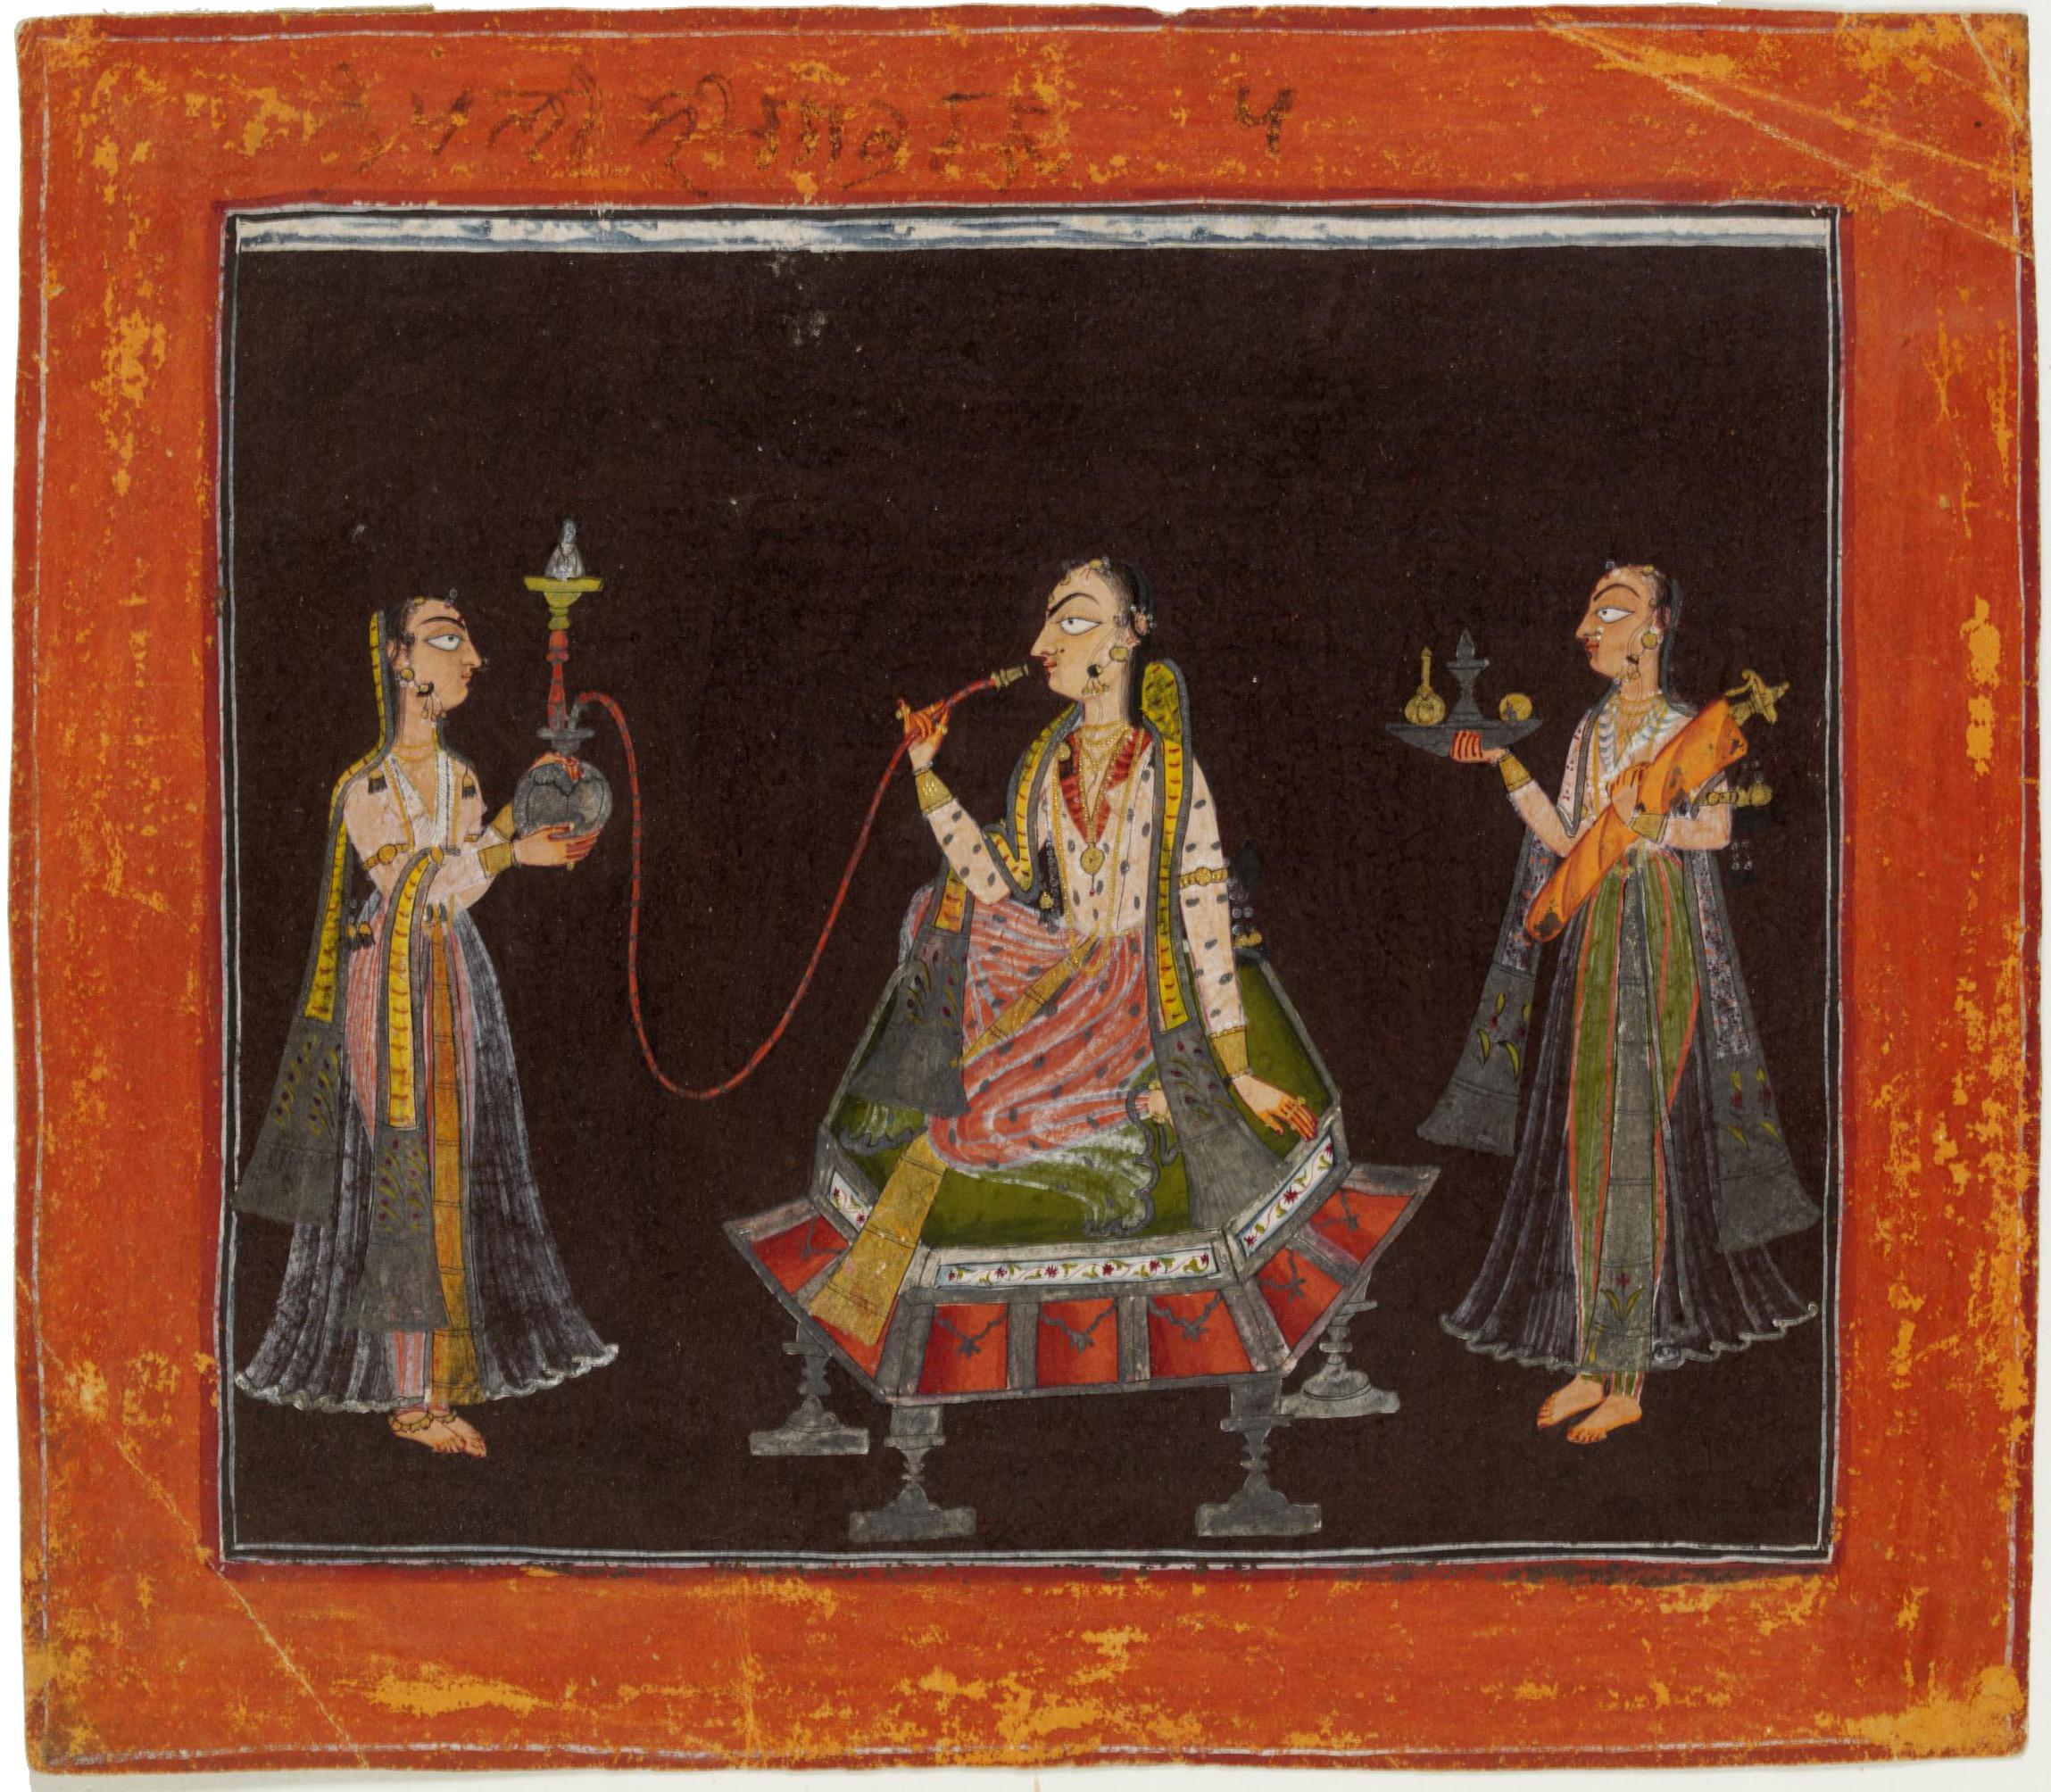 ragamala-bhupali